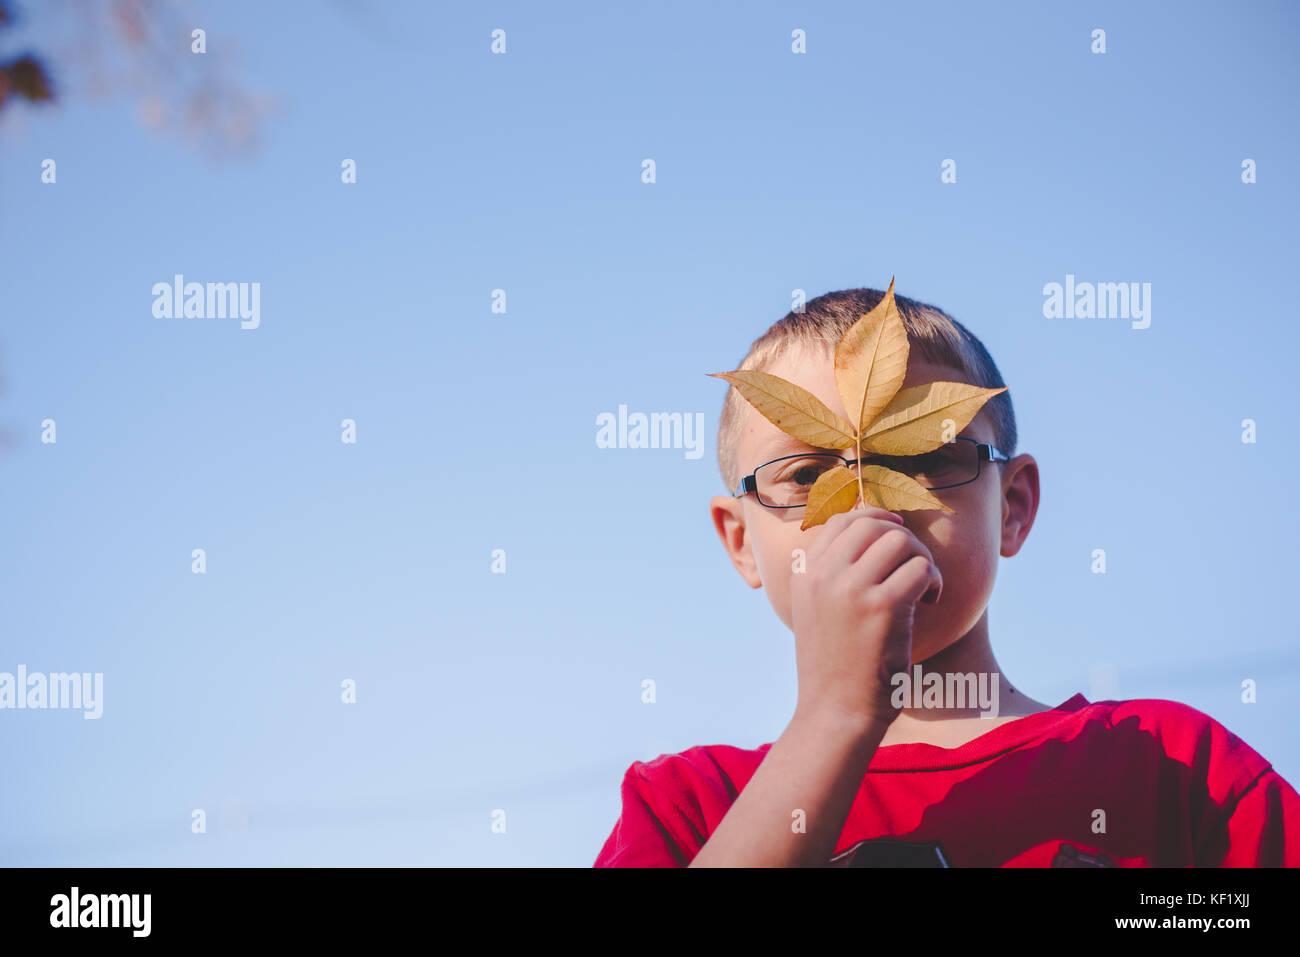 10-11 anno vecchio ragazzo foglia di contenimento nella parte anteriore del viso Immagini Stock